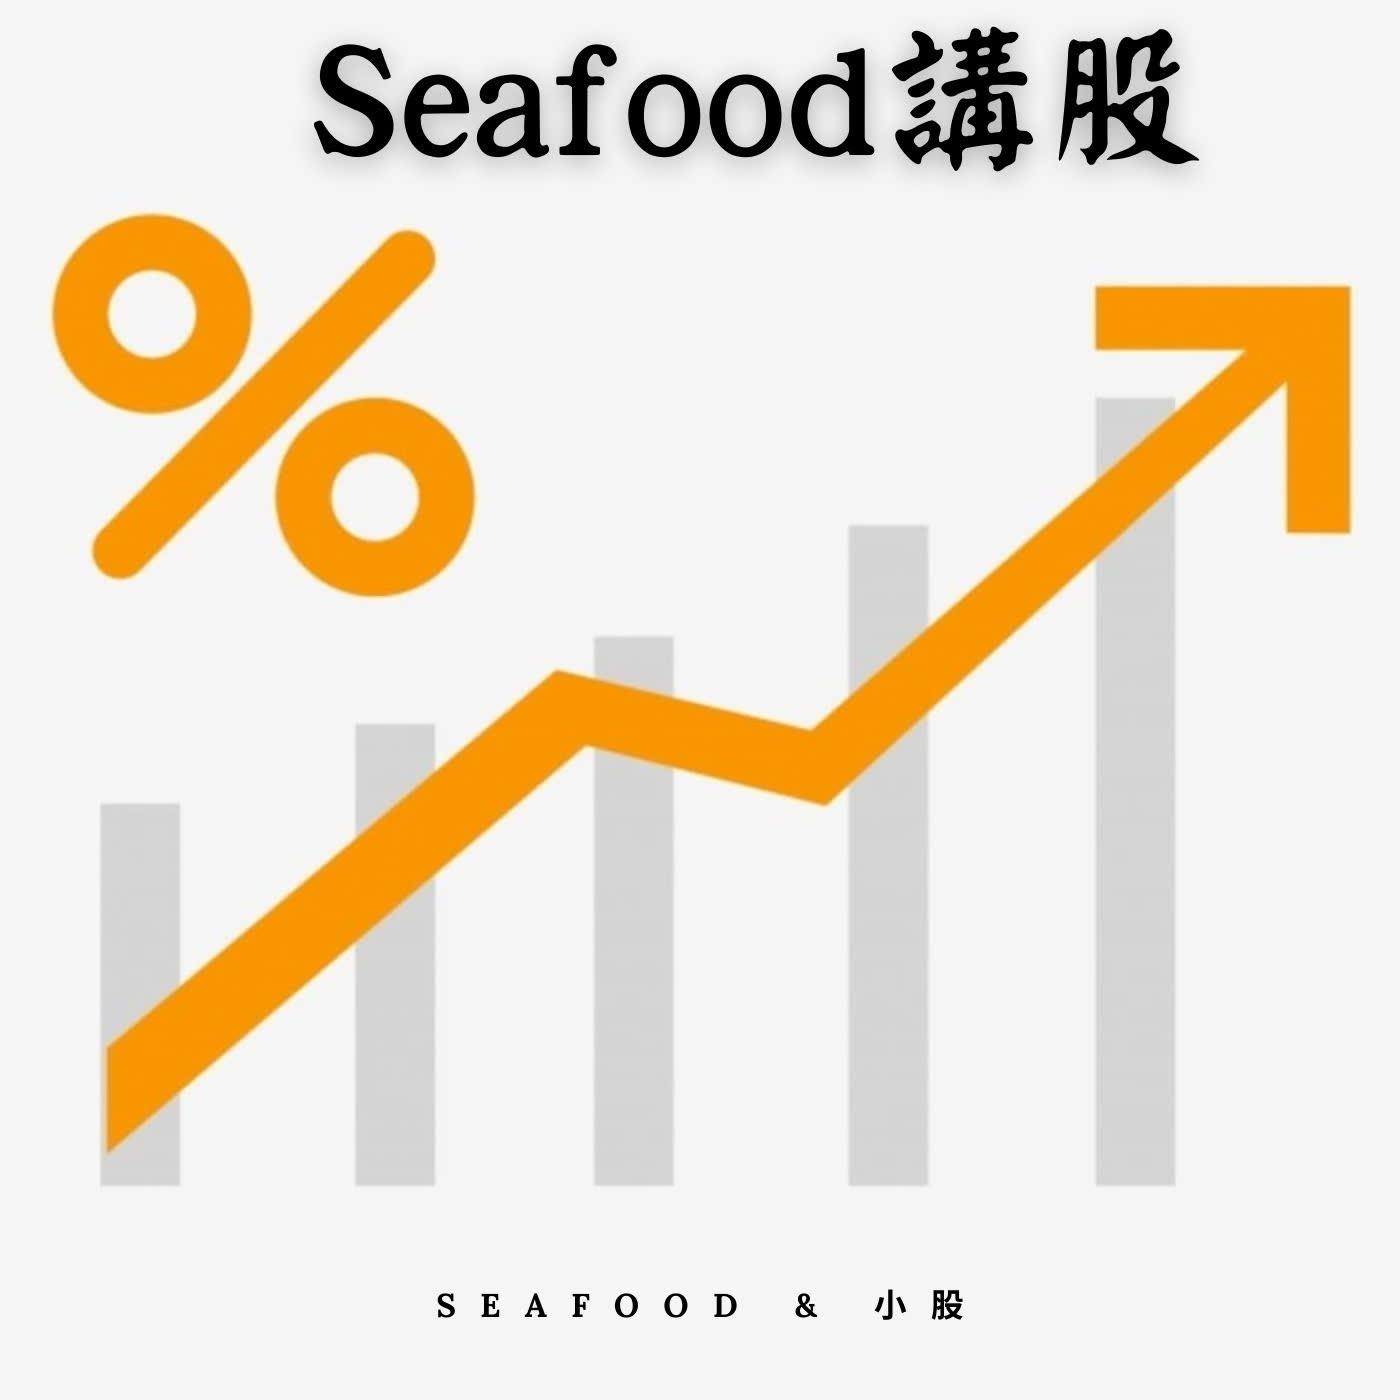 所以seafood我們投資前要做甚麼準備呢